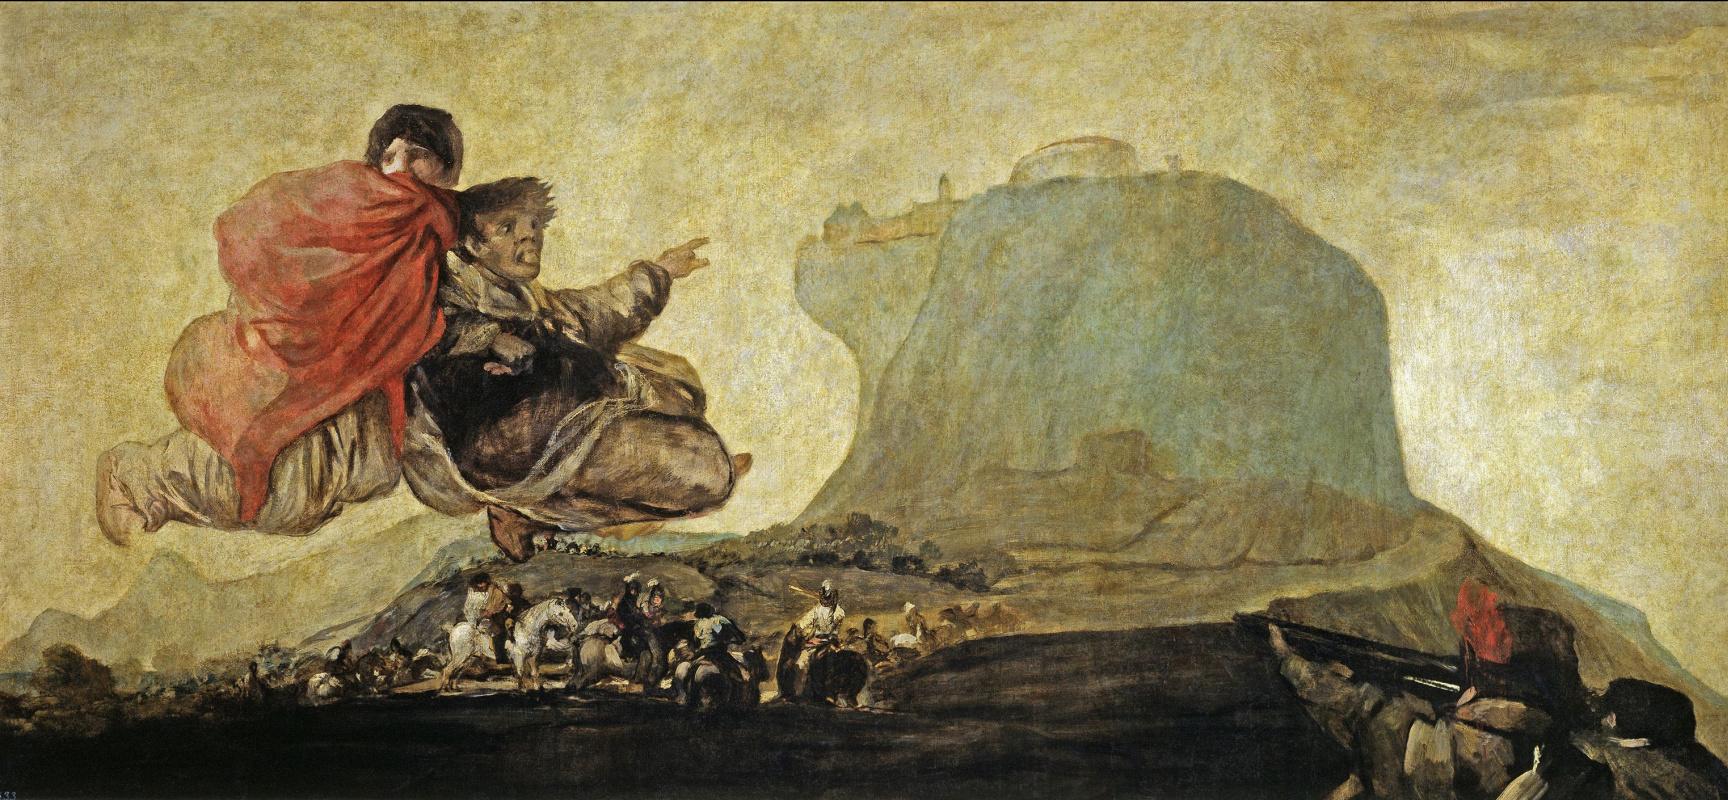 Франсиско Гойя. Асмодей, или Фантастическое видение